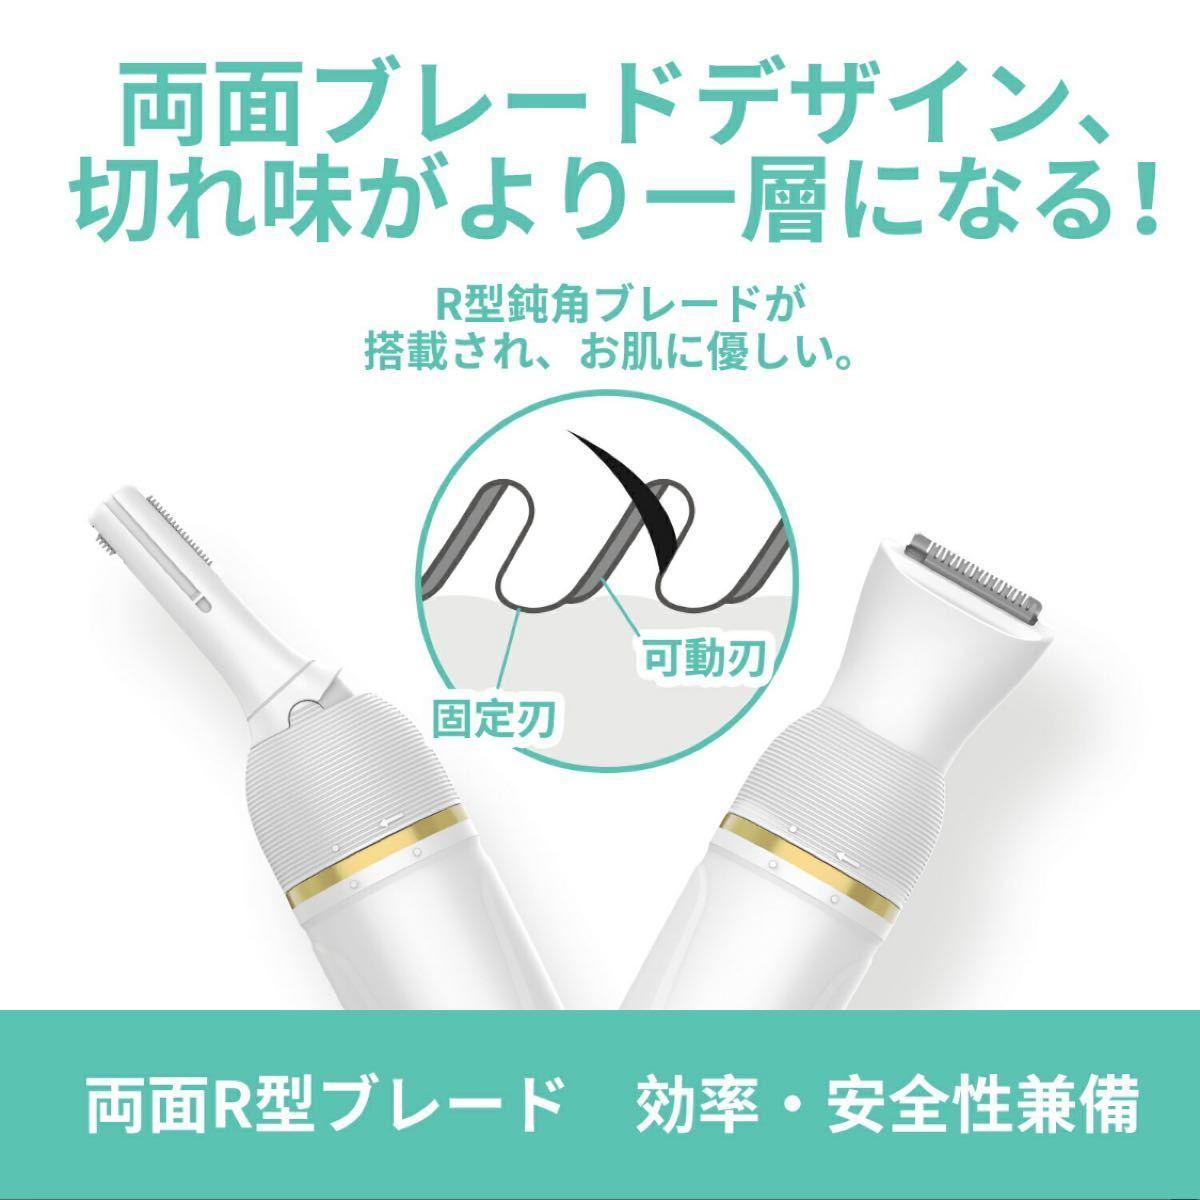 フェイスシェーバー 眉毛シェーバー 男女兼用 水洗い可能 乾電池式 ホワイト  電動シェーバー 多機能 IPX7 眉毛シェーバー